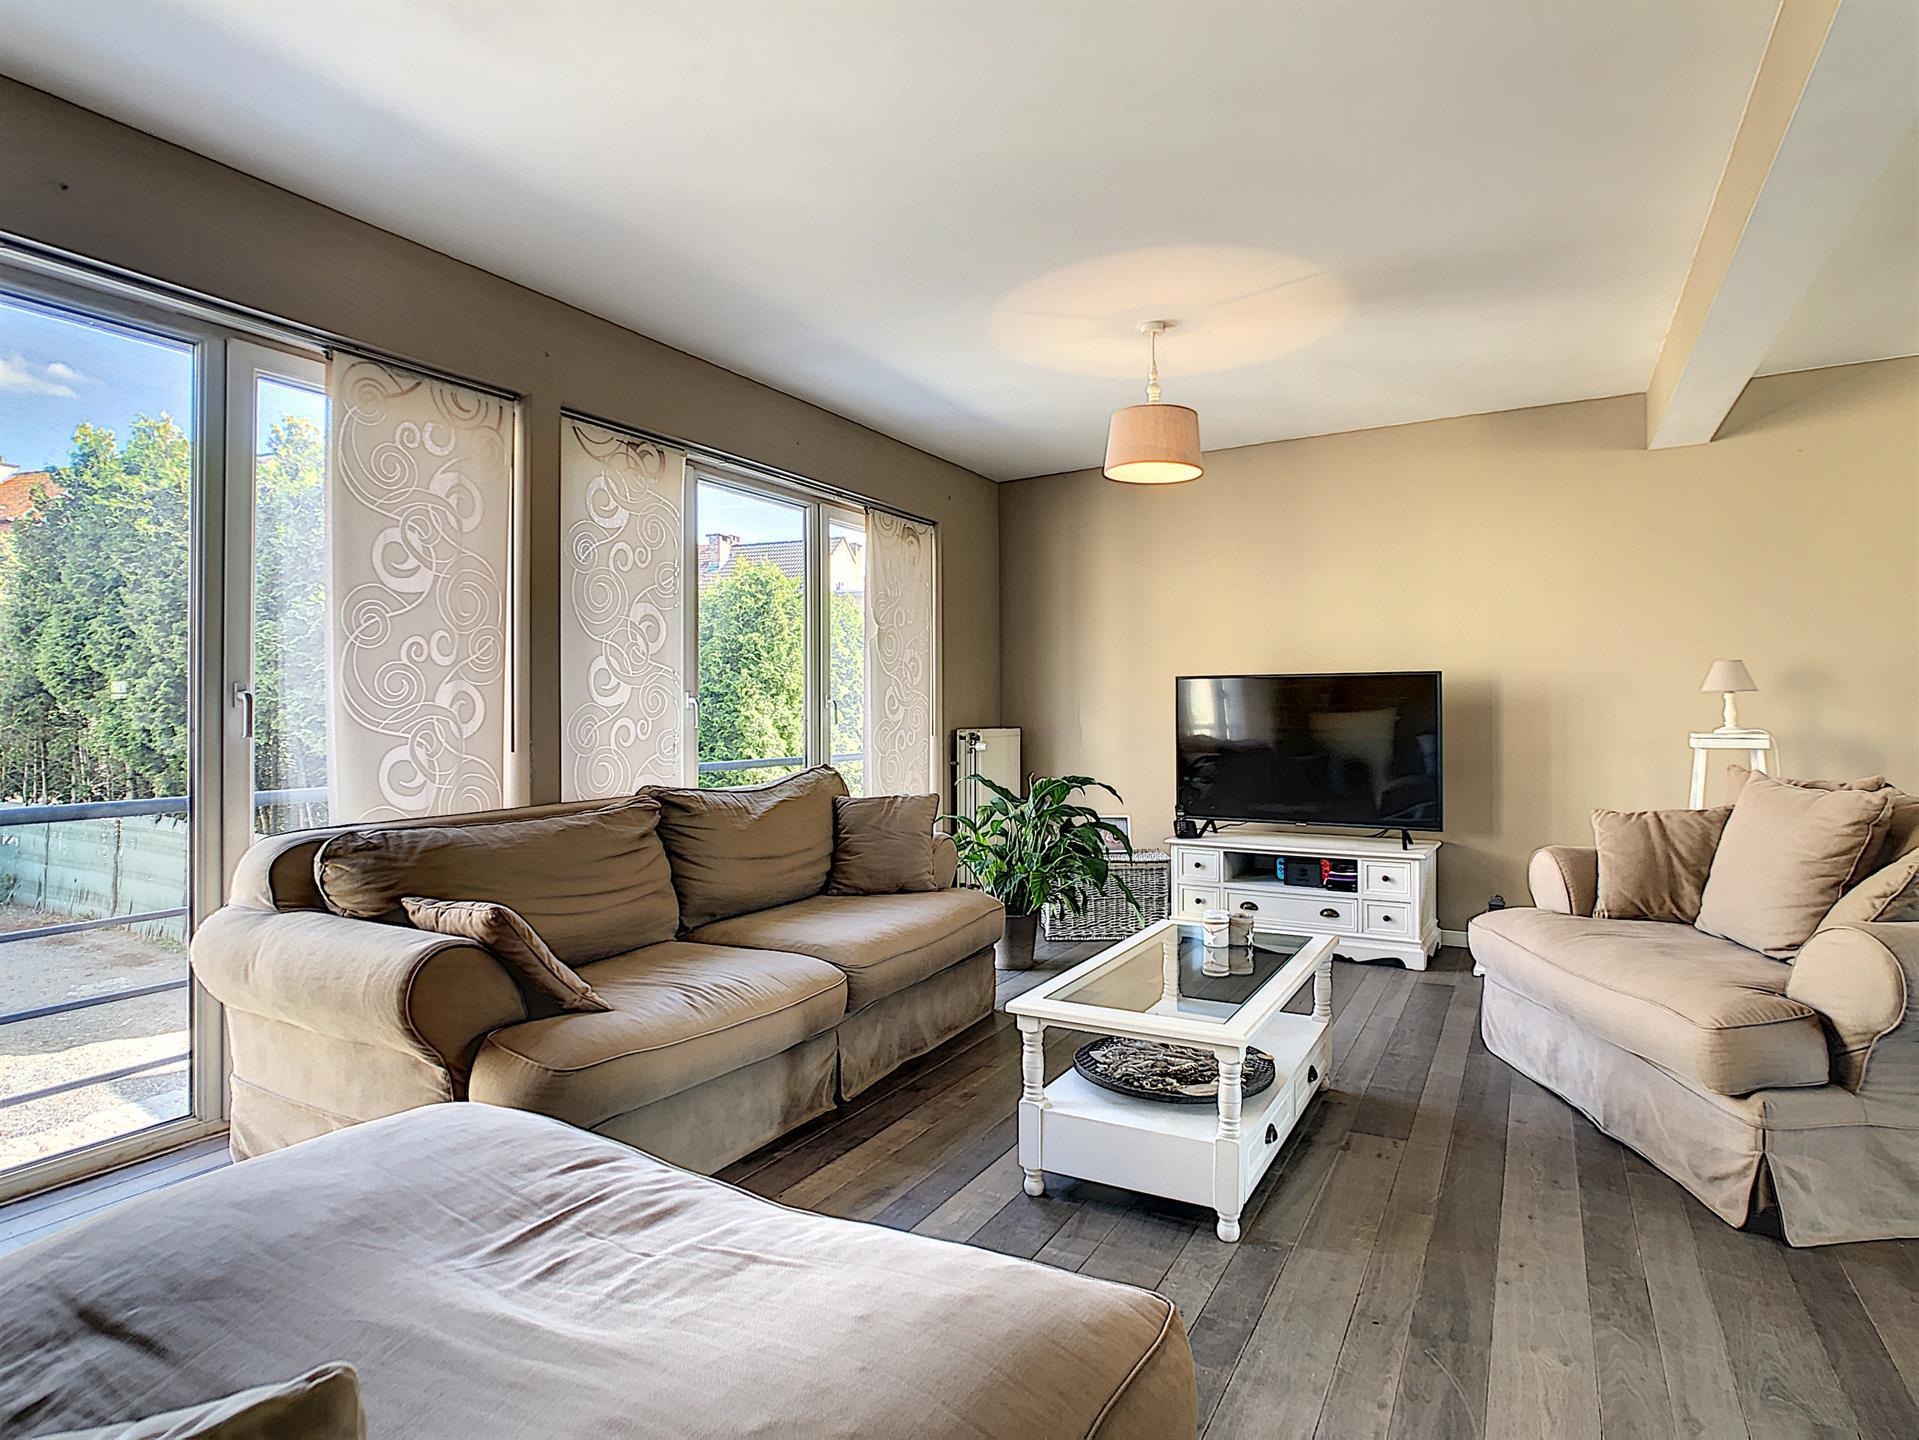 Bel-étage - Wemmel - #4080122-2